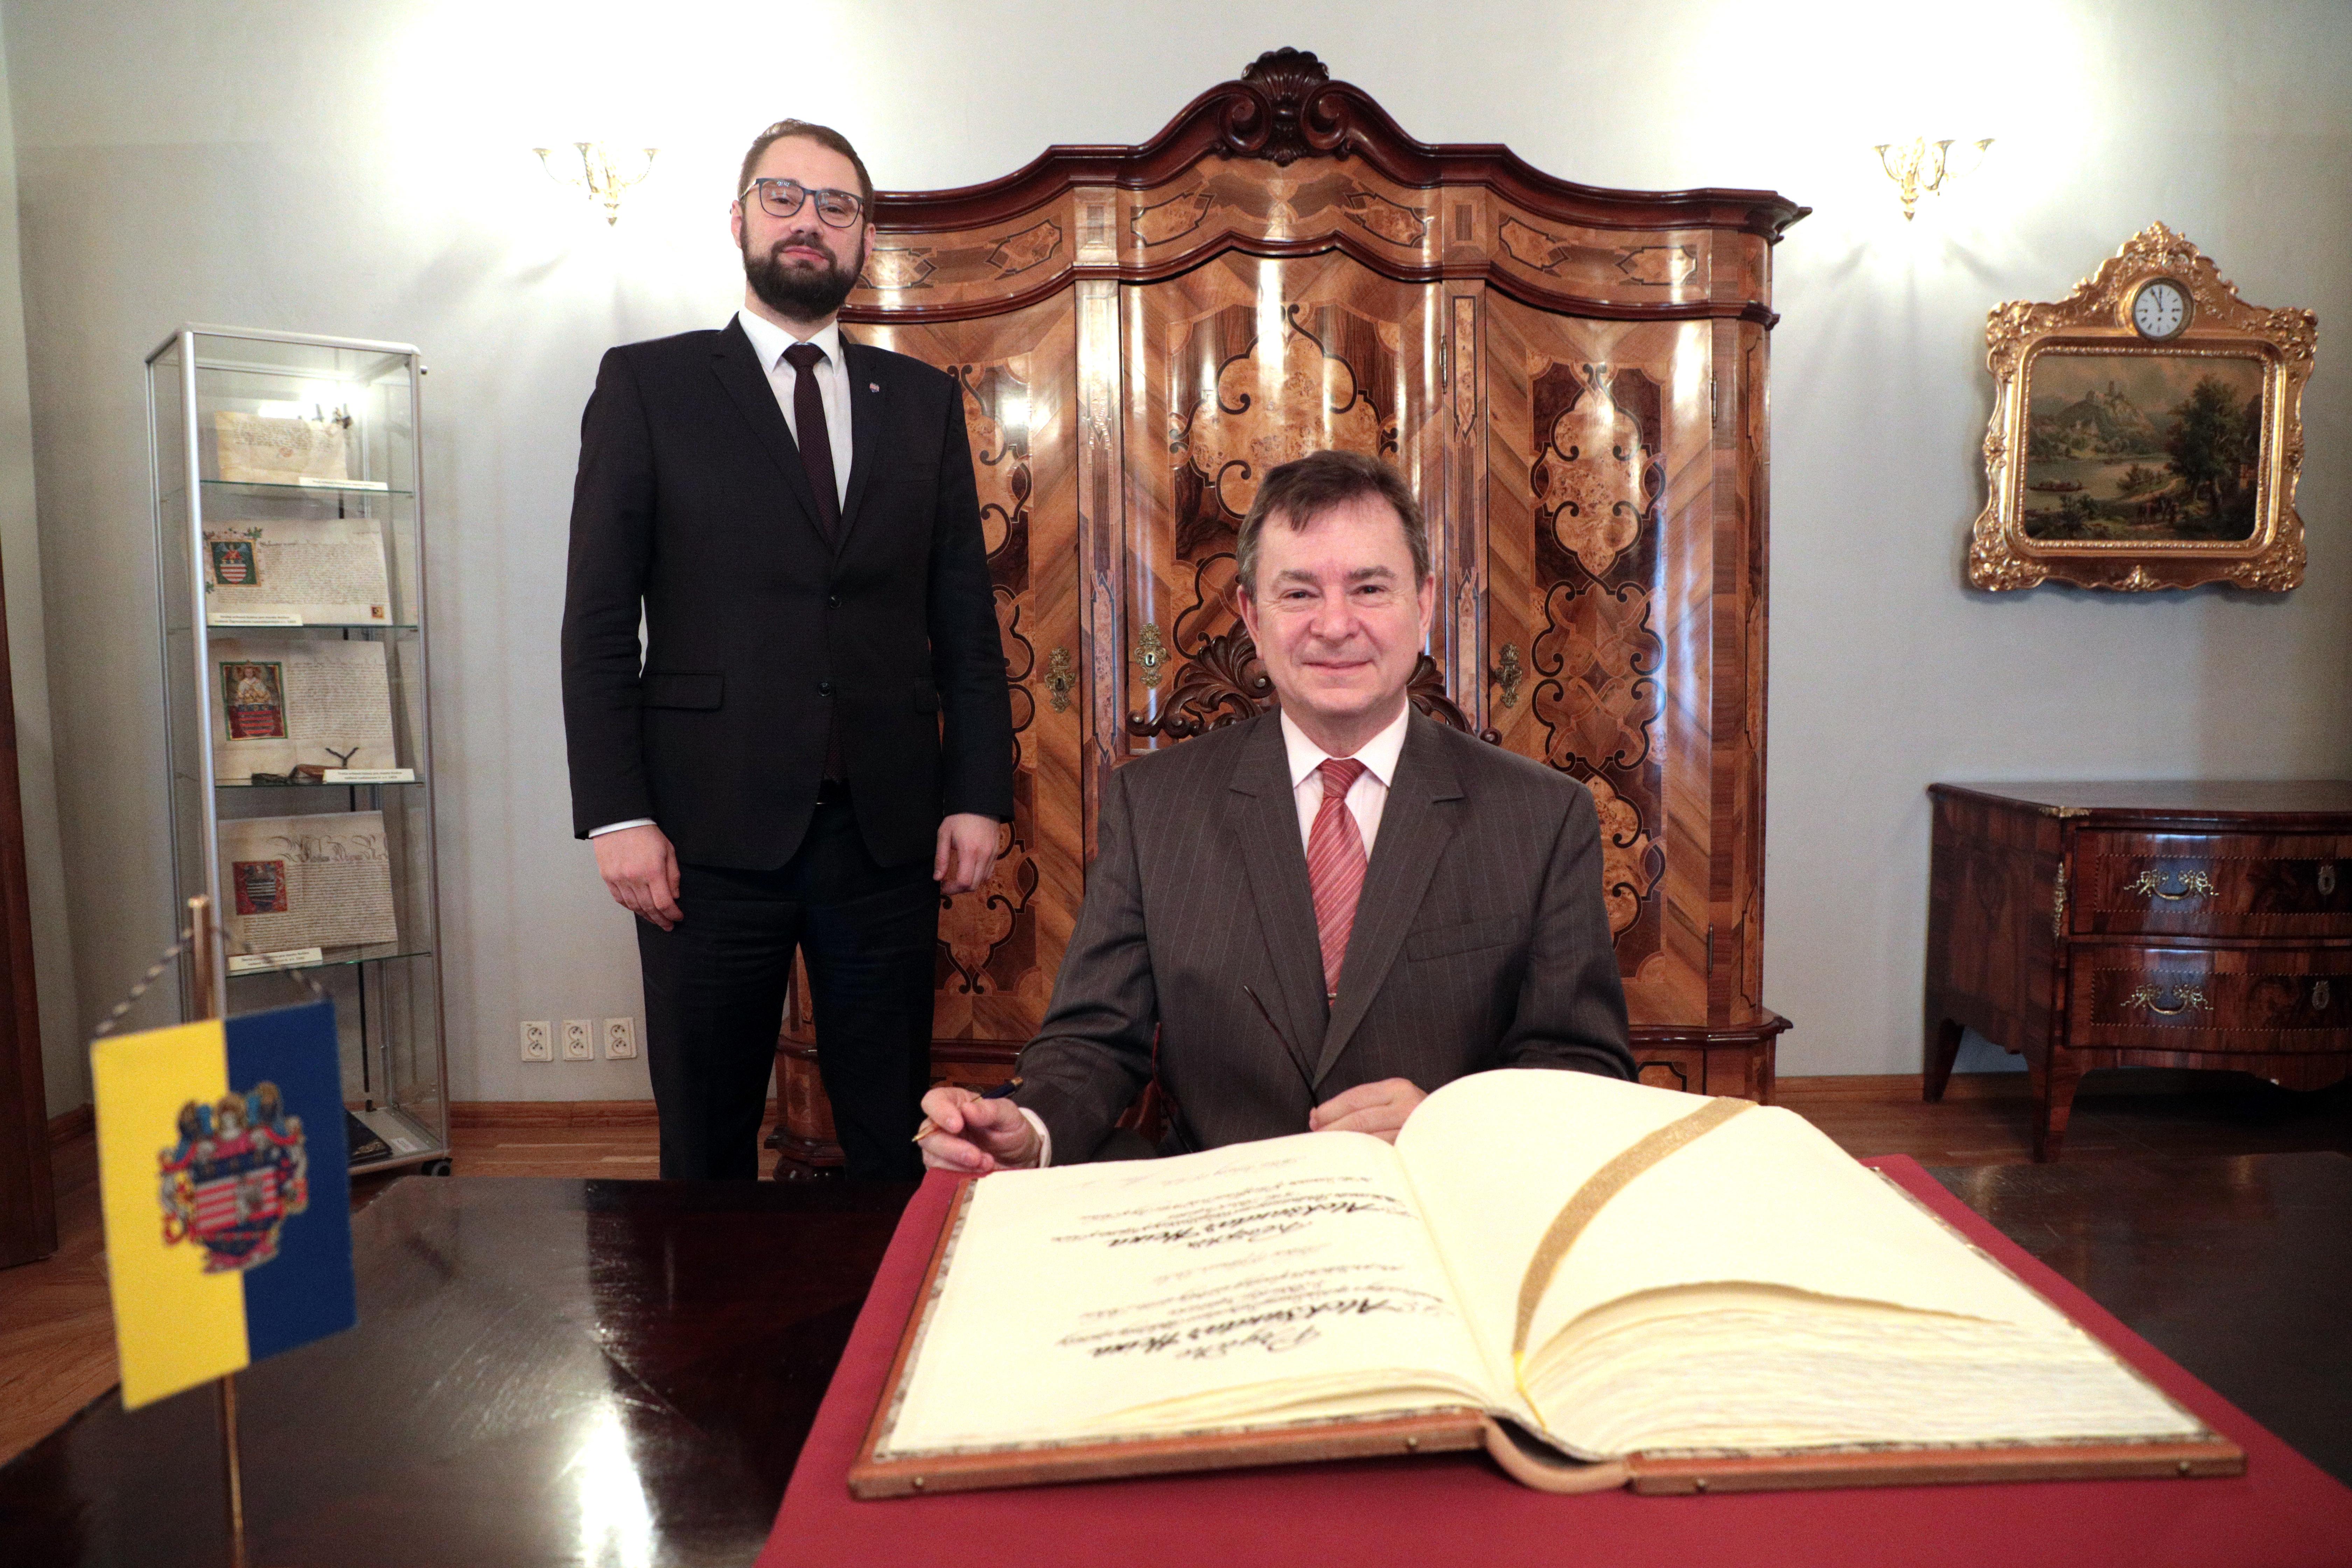 PrijatieVelvyslanecChorvatska16